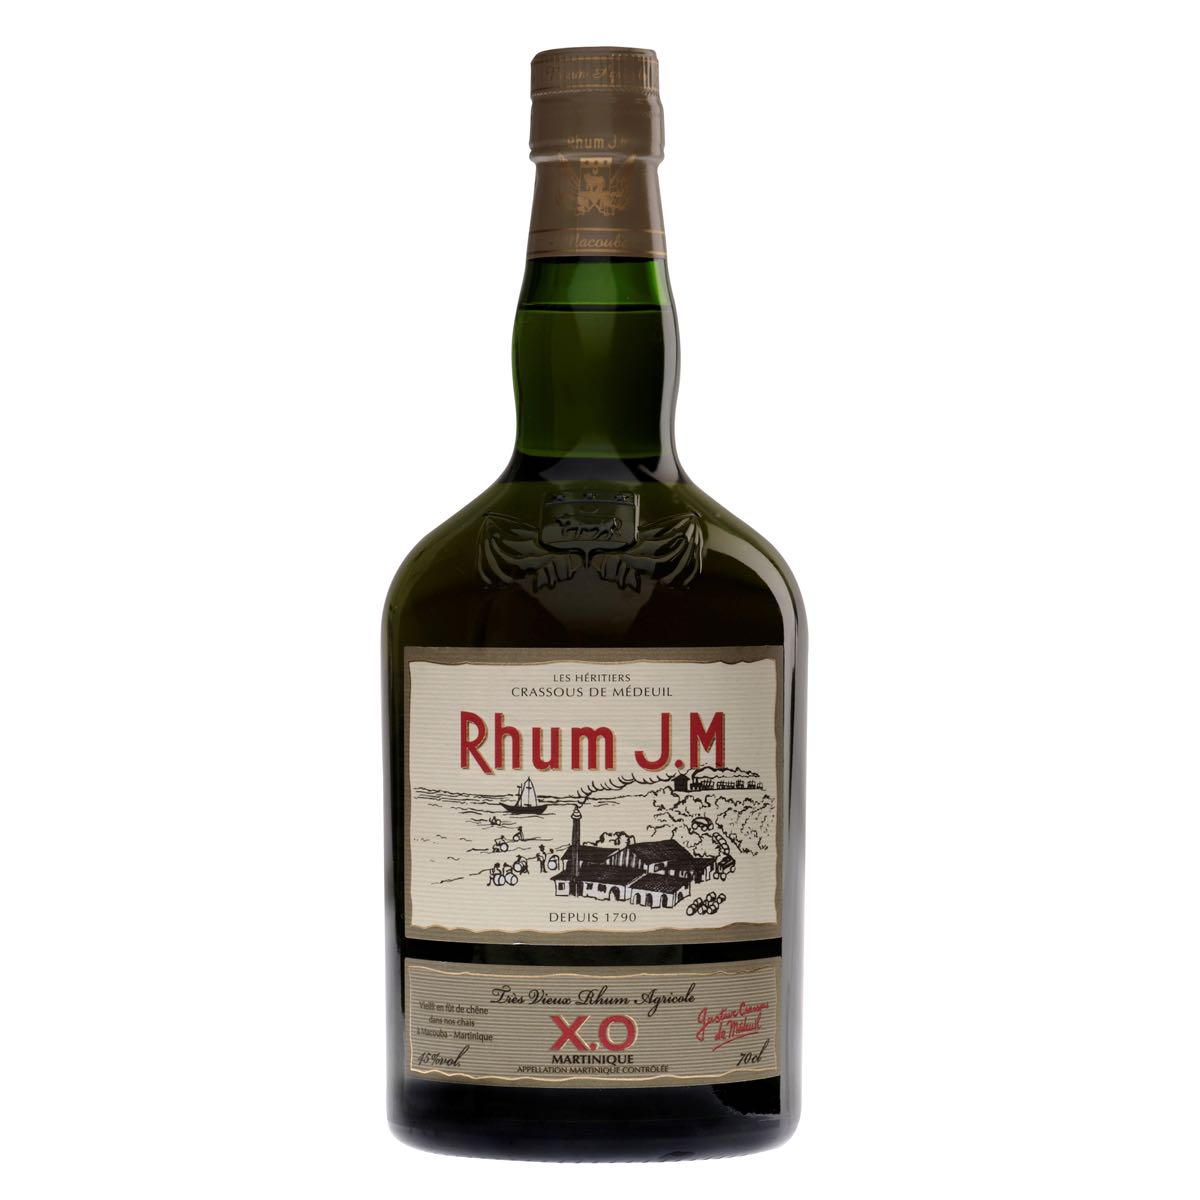 Bottle image of XO